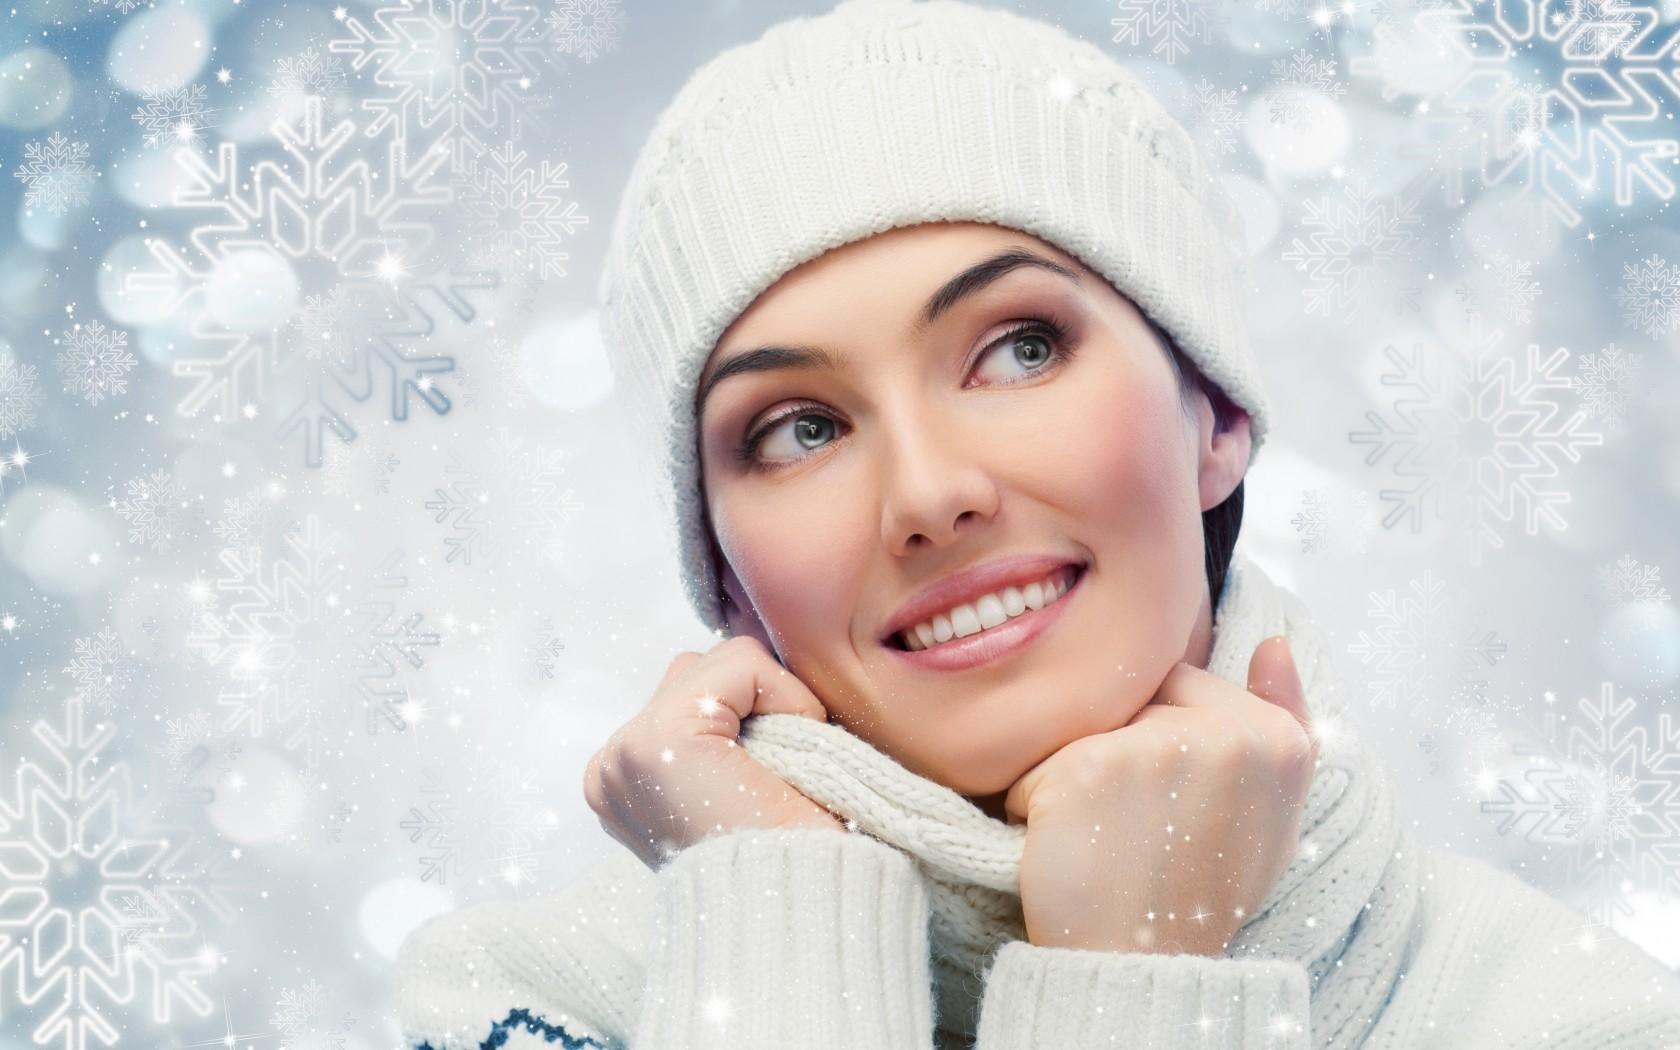 Зима добавляет женщине несколько лет